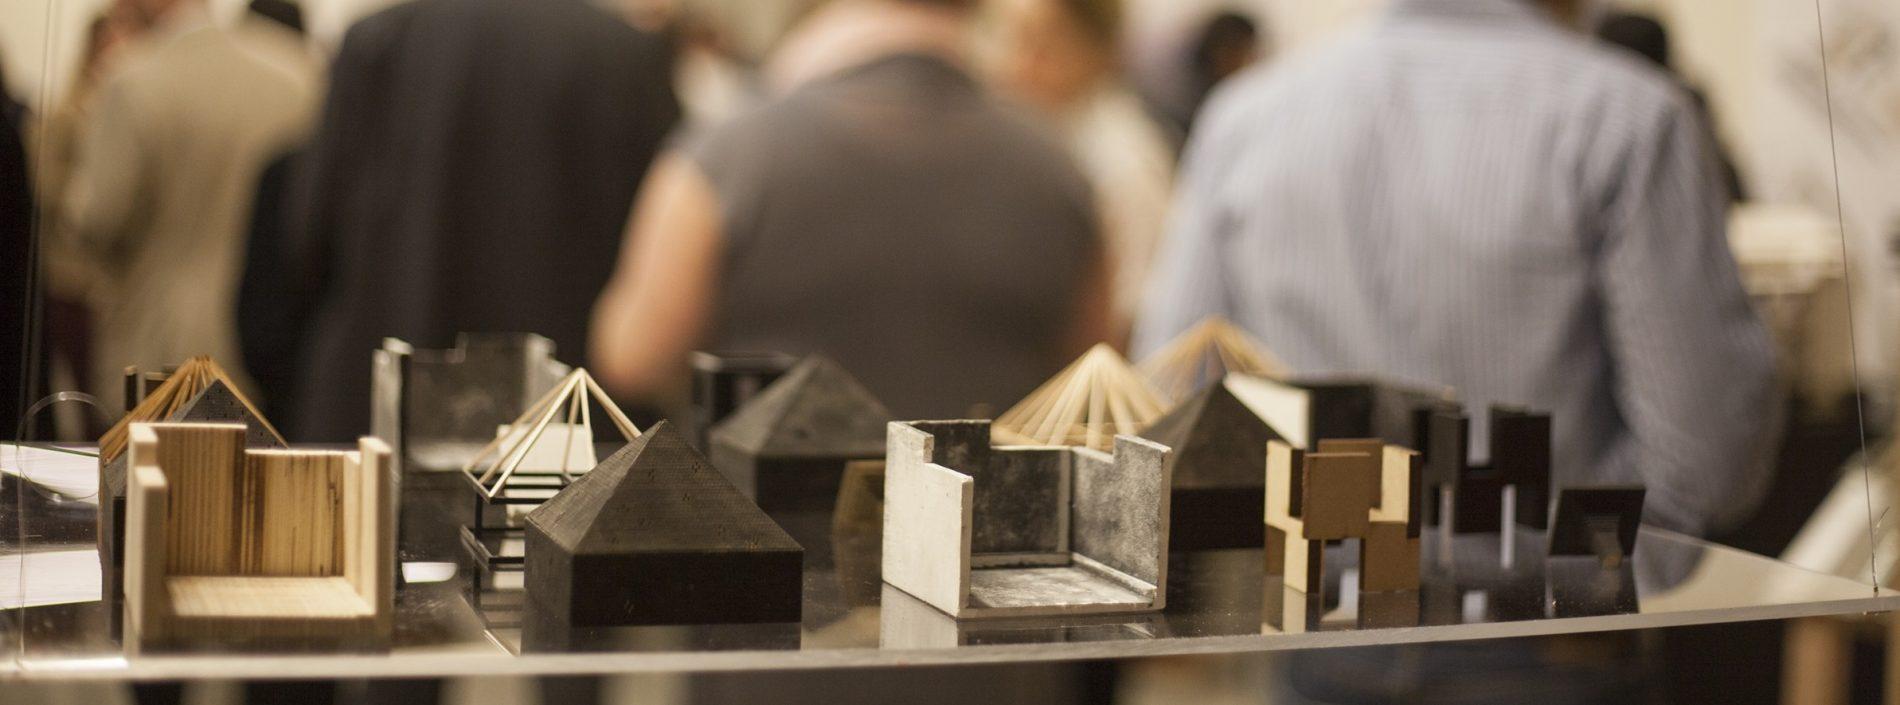 SAF Form Exhibit tiny models_LeslieRiibe_WeberThompson_horizontal